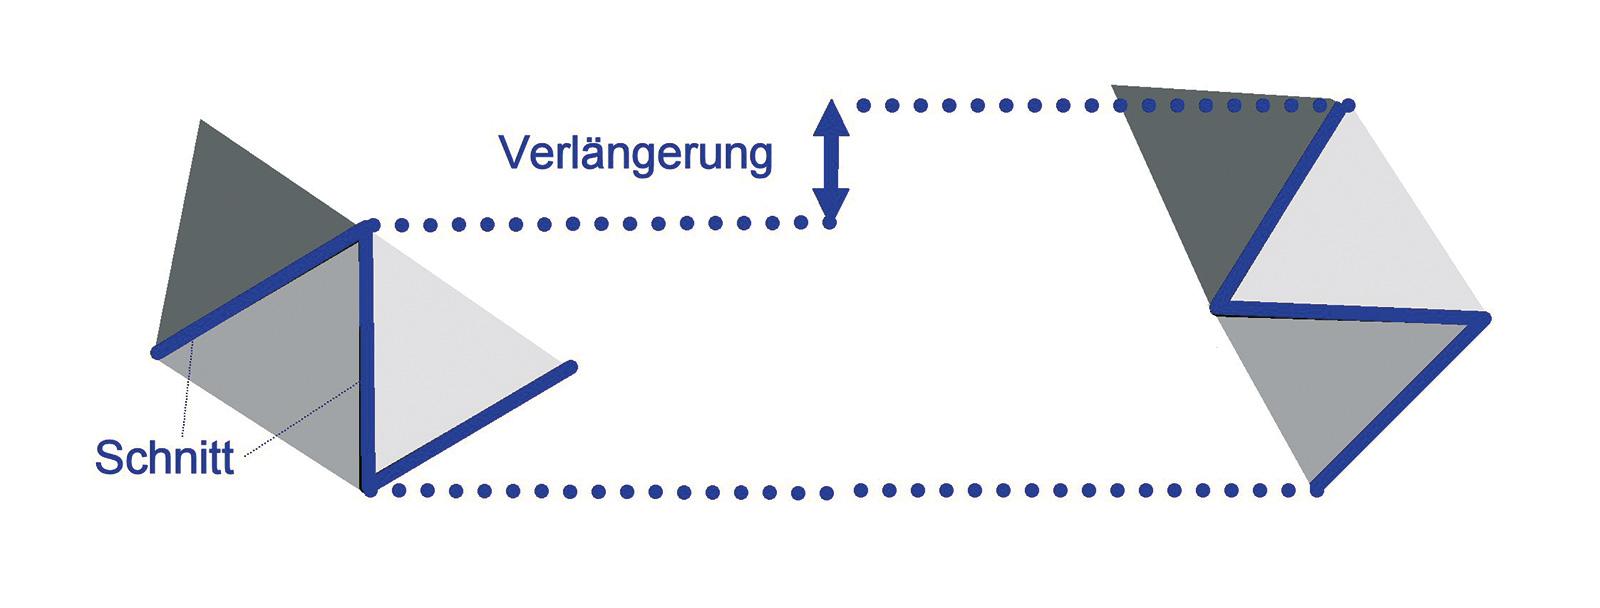 Abb. 7-24: Z-Plastik zur Verlängerung der Haut: Schnitte der gleichen Länge in einem Winkel von 60 Grad ermöglichen durch Schwenken der Hautlappen (gleiche Farbe) die Verlängerung um ca. 1/3 - 2/3. Mehrere Z-Plastiken können kombiniert werden